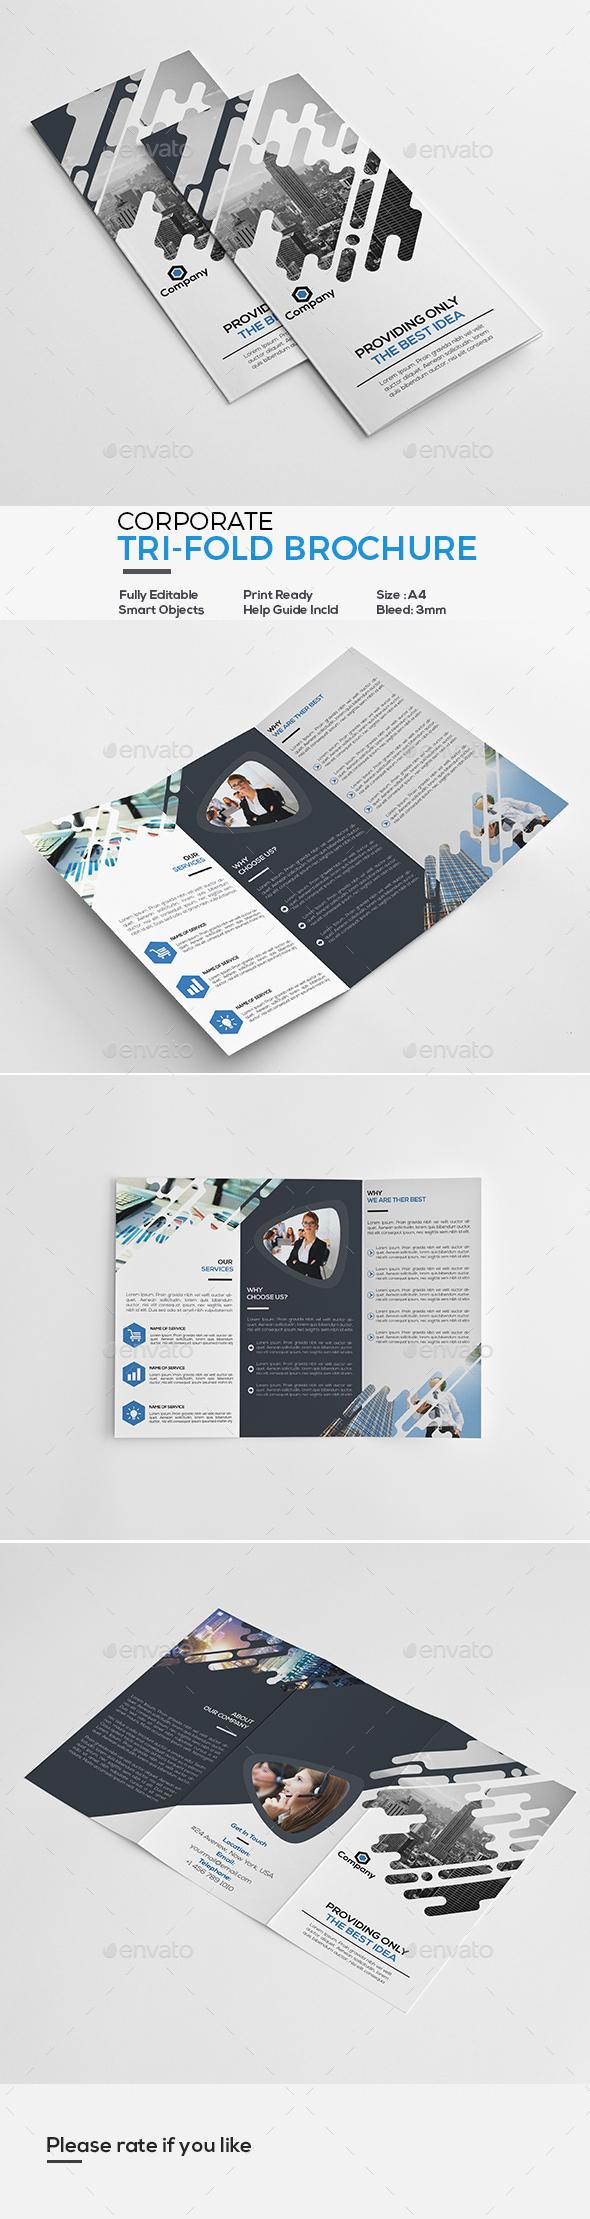 GraphicRiver Corporate Tri-Fold Brochure 21123527